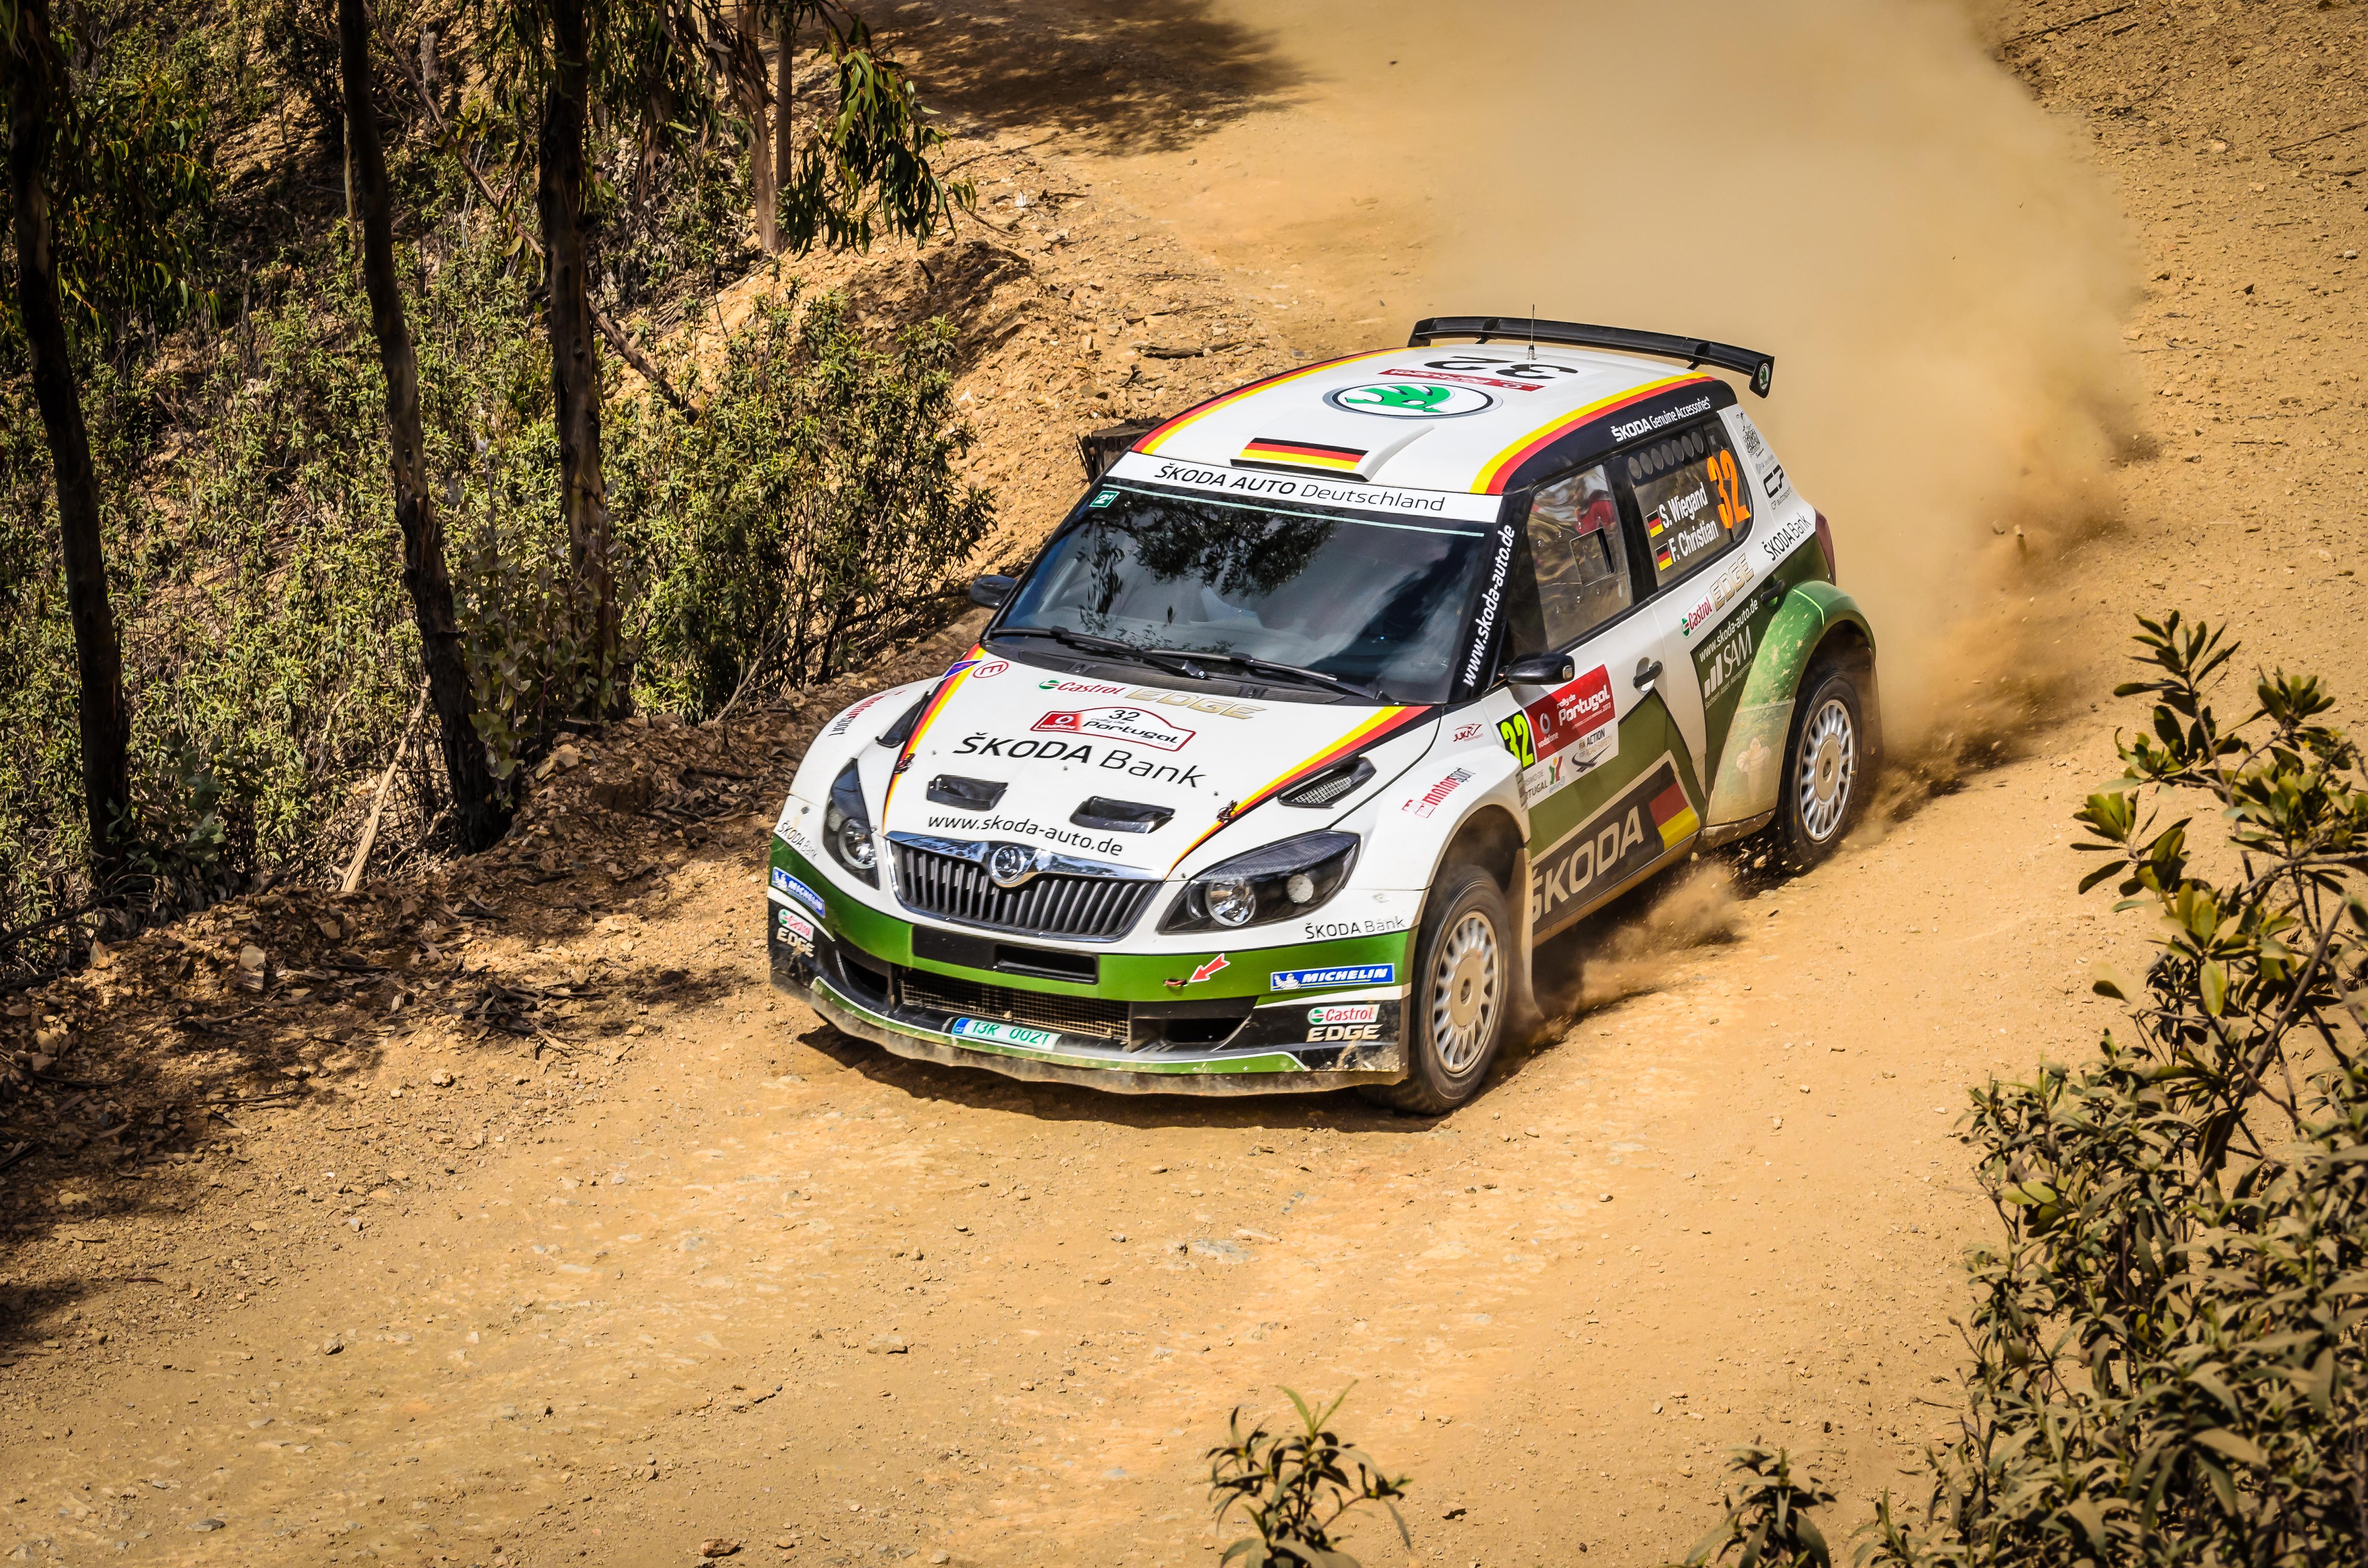 Skoda Rally. portugal, 66, algarve, dust, carracing, 508, nikkor55200mm, bejadistrict, nikond5100, rallyportugal2013, sãobarnabé, seppwiegang, skodafabia2000. buy photo